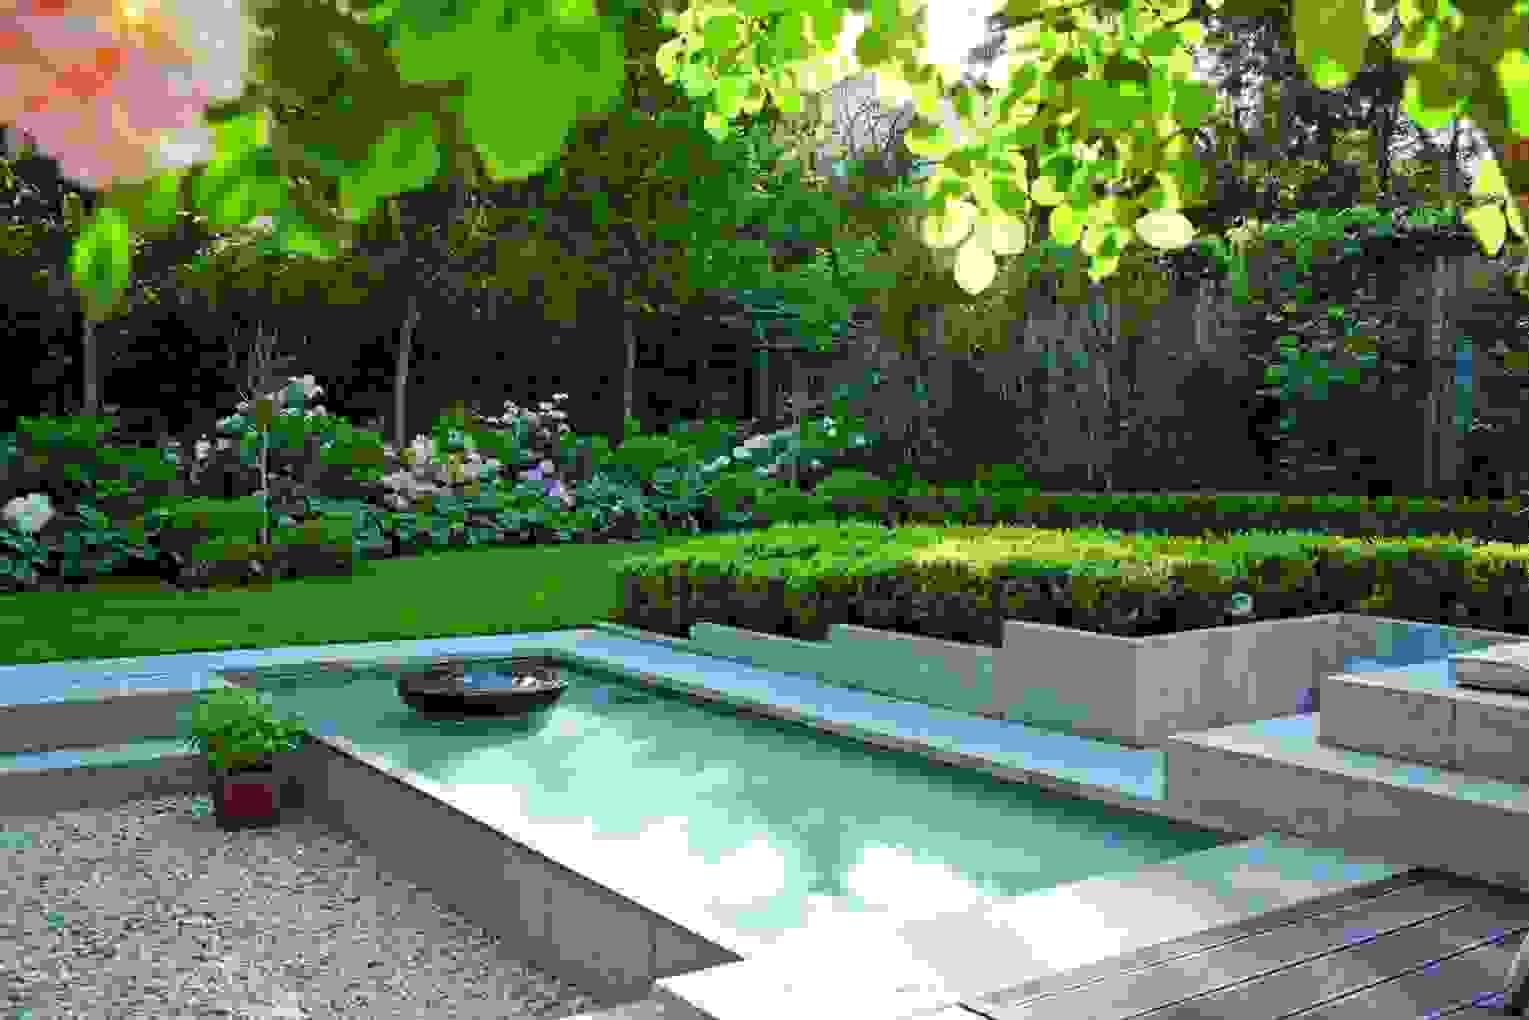 Schön Ideen Für Einen Kleinen Garten Von Ideen Für Kleine von Ideen Für Kleine Reihenhausgärten Photo